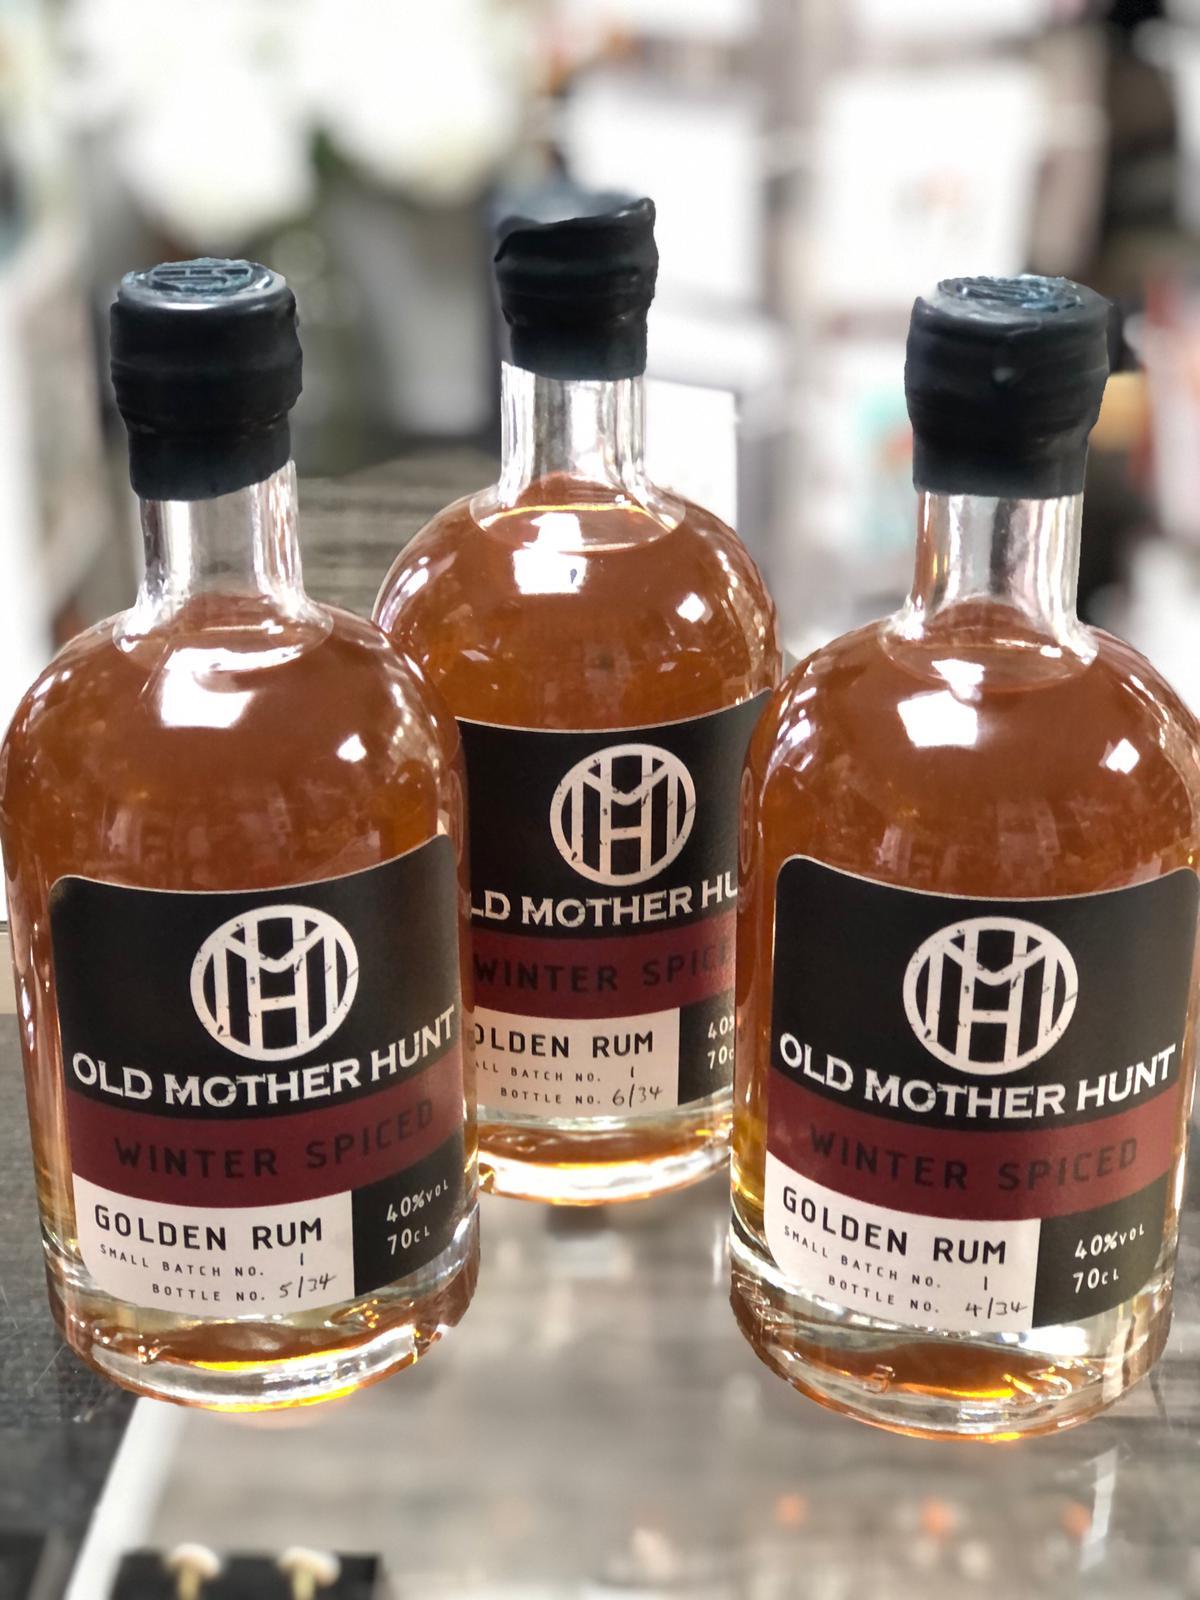 Old Mother Hunt - Winter Spiced Golden Rum, 70cl